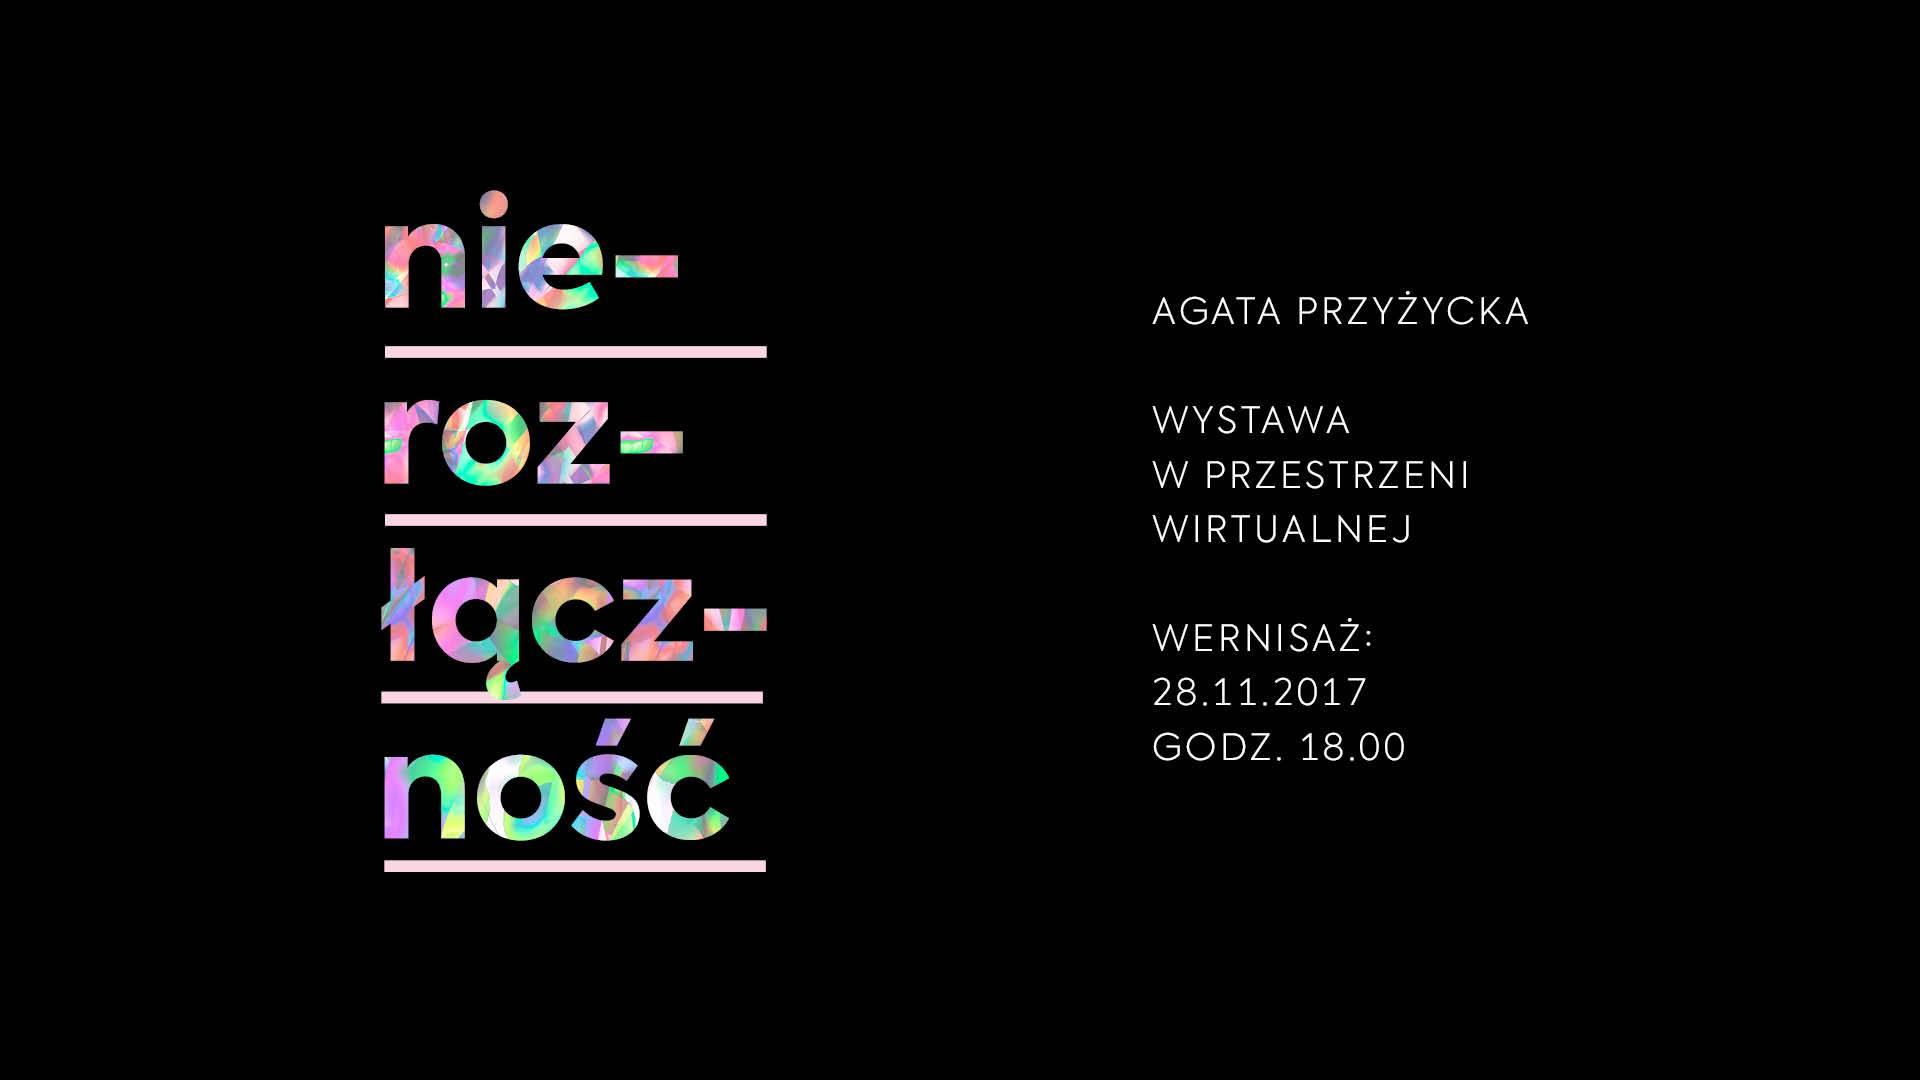 """Agata Przyżycka, """"Nierozłączność"""" (źródło: materiały prasowe organizatora)"""